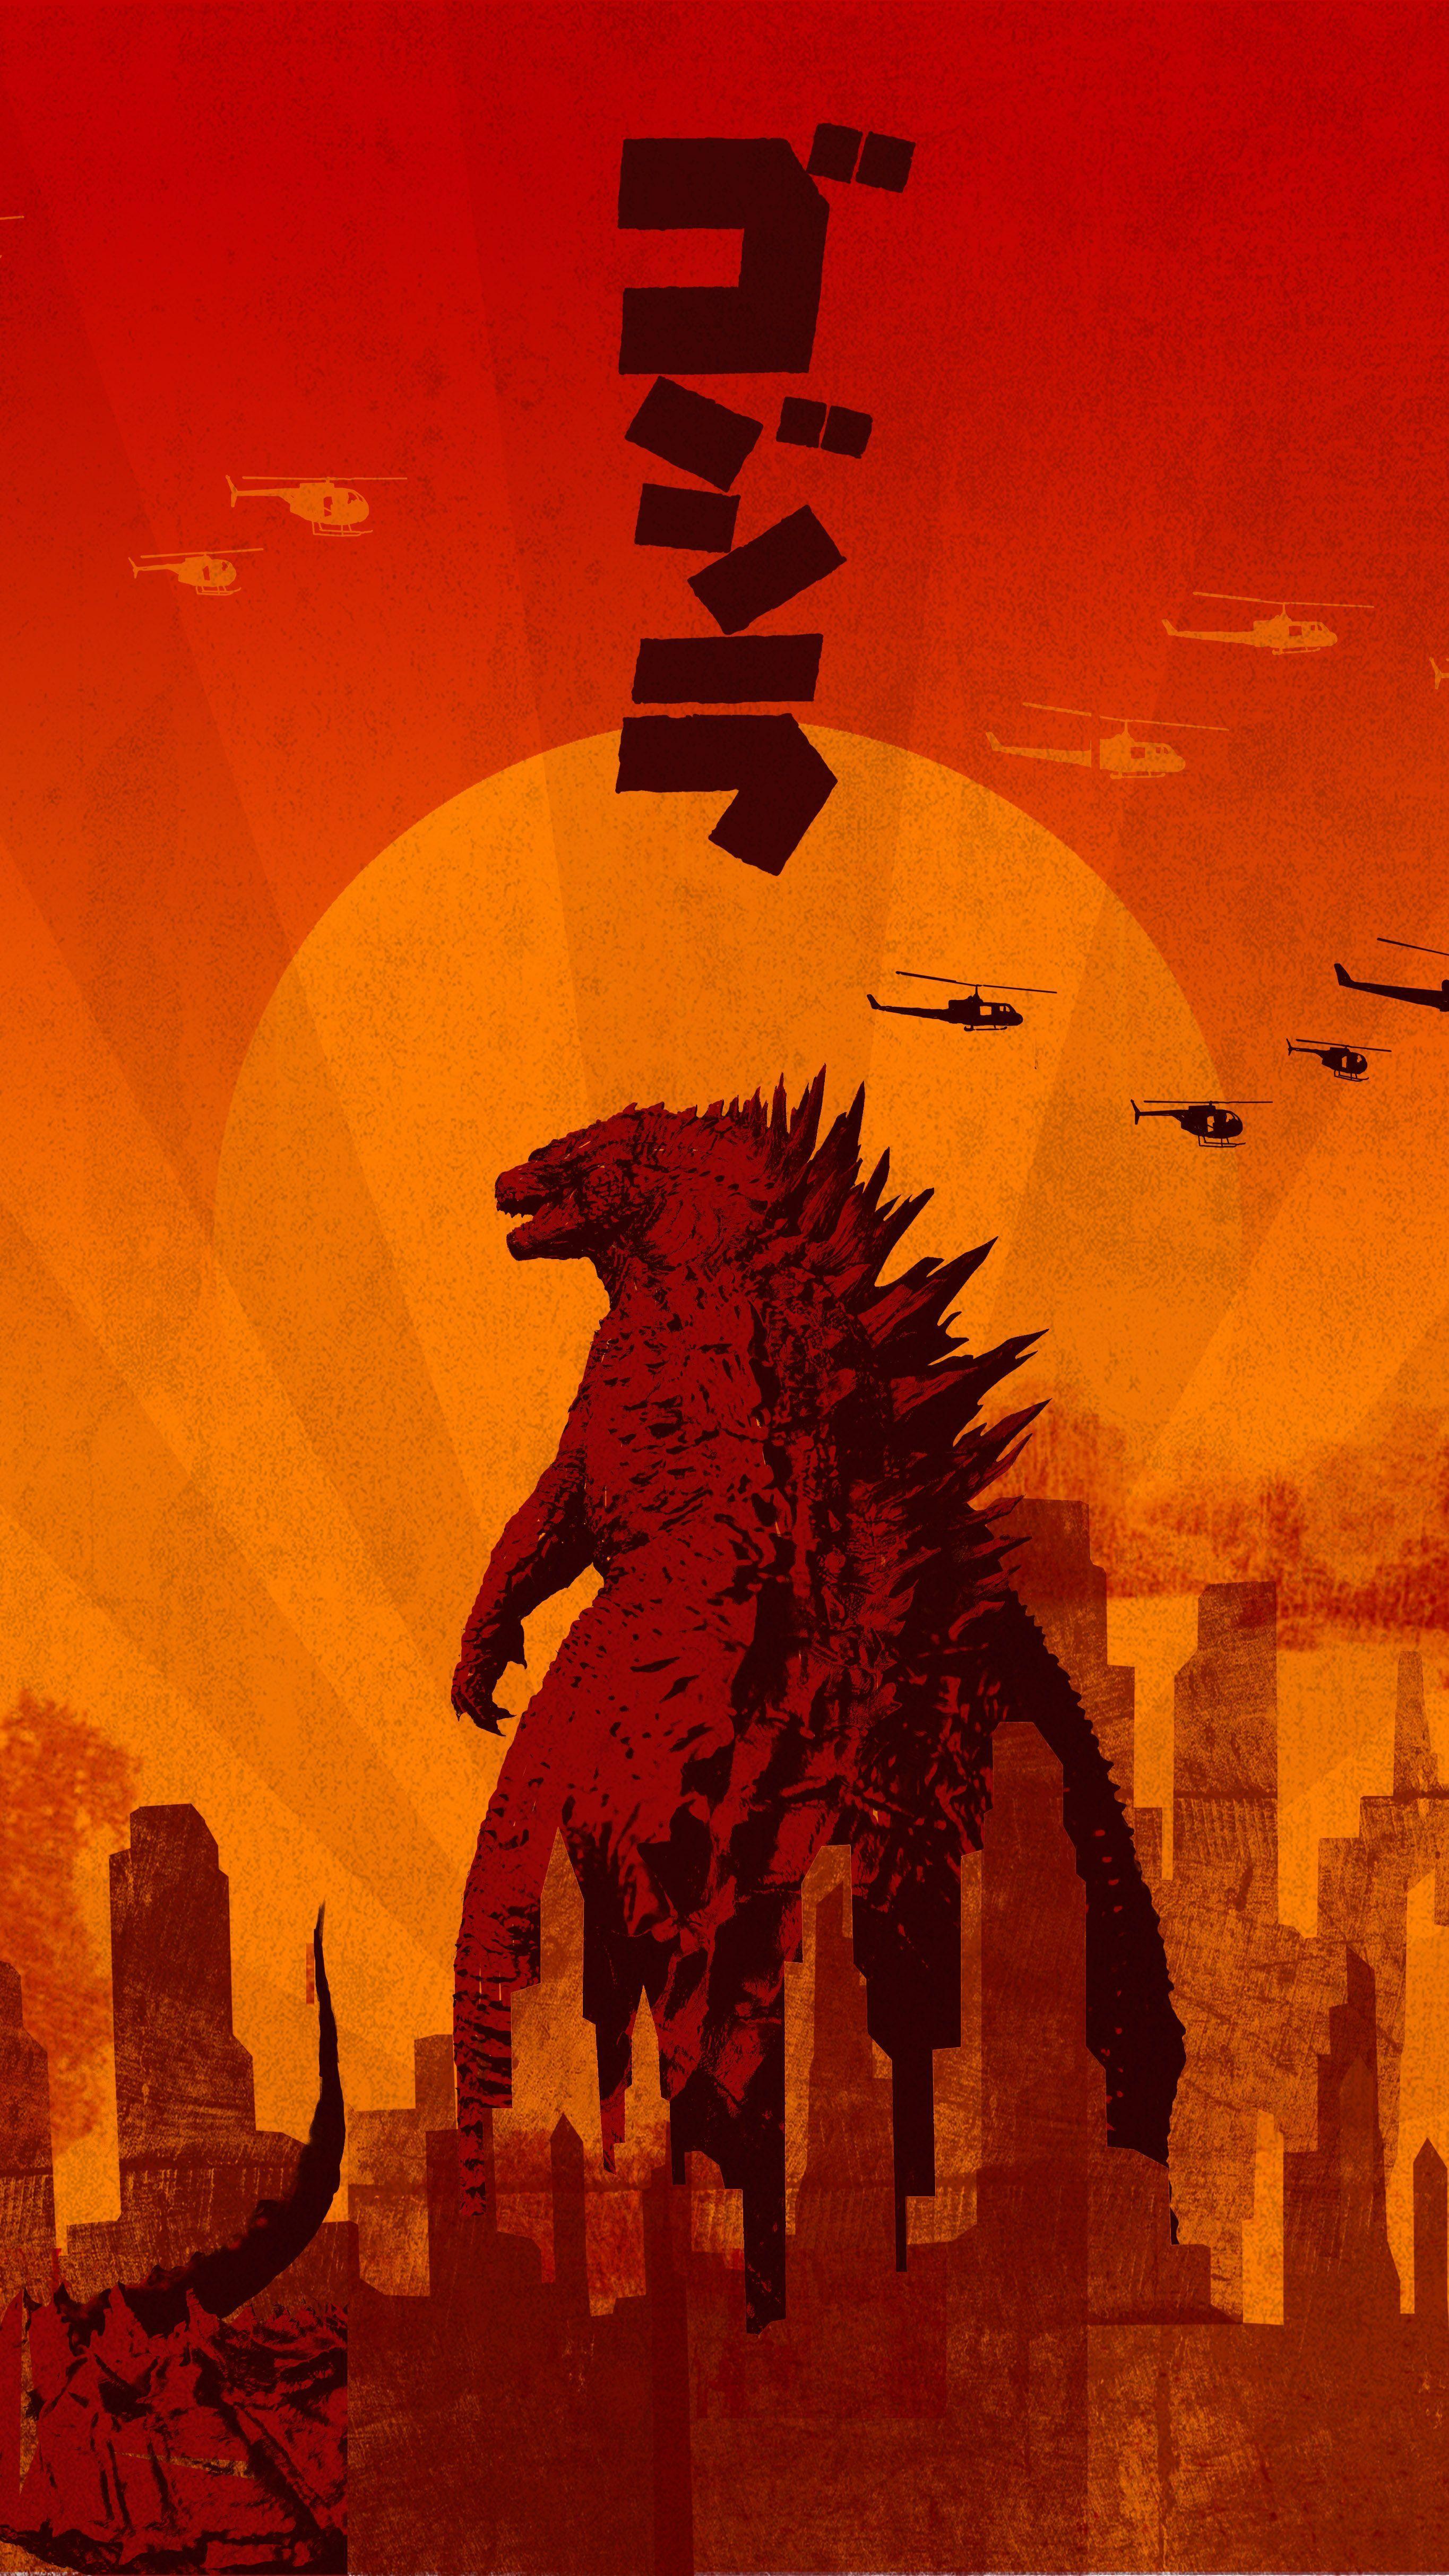 Godzilla Phone Wallpapers Top Free Godzilla Phone